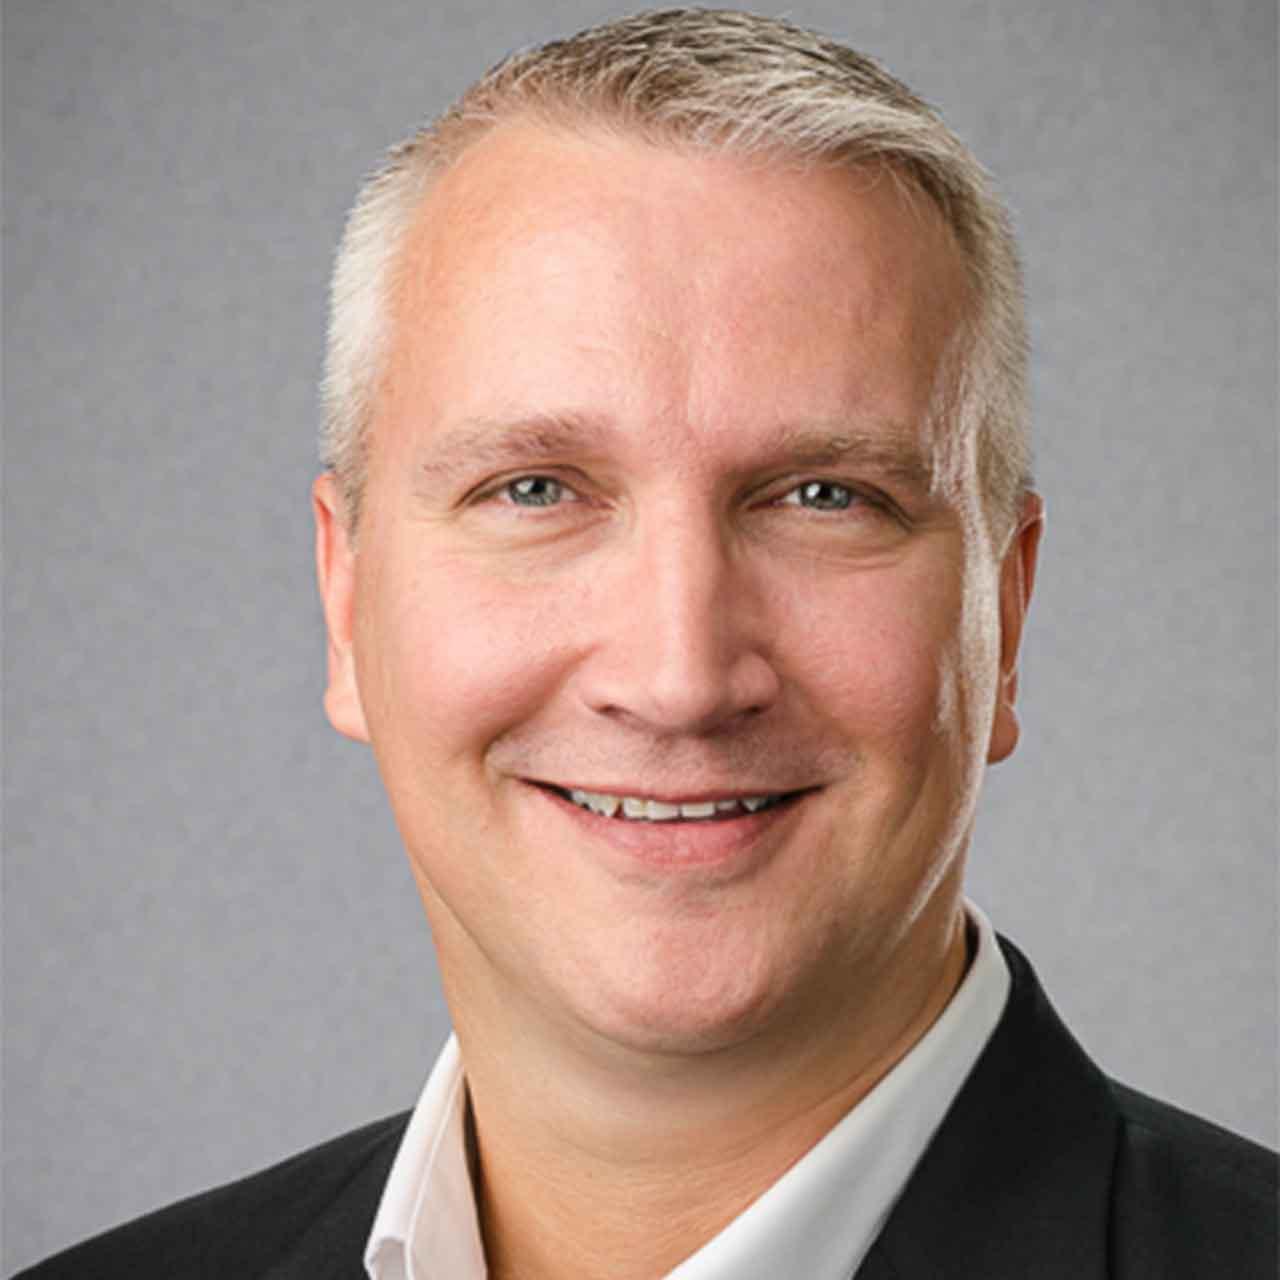 Samuel Foltz